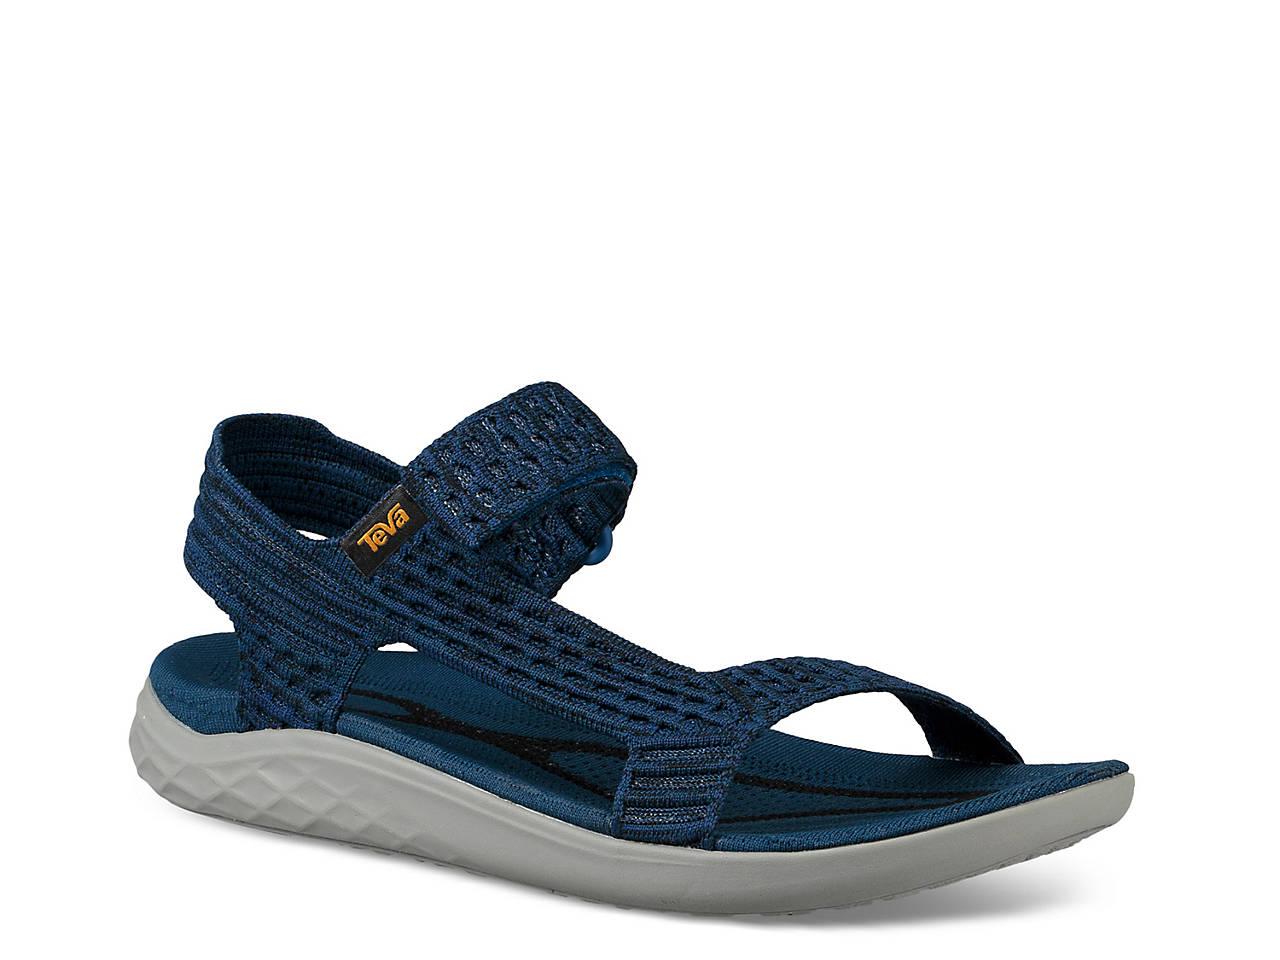 817215fe3fc0 Terra Float 2 Sandal